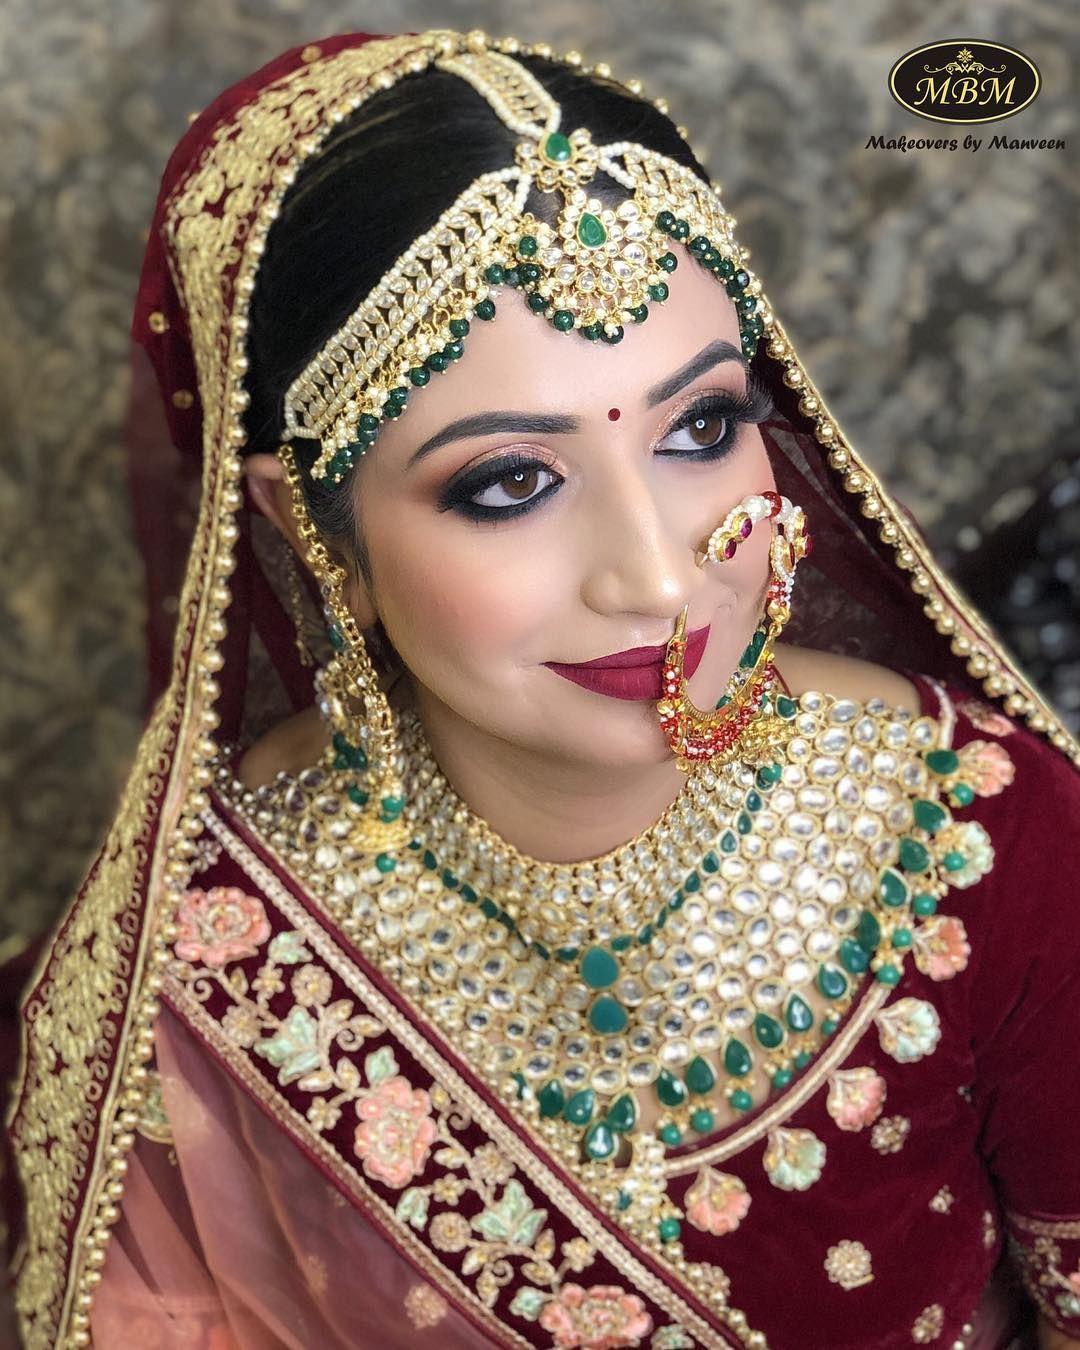 14 Best Bridal Makeup Artists In Delhi Ncr Under Inr 30k Bridal Jewelry Indian Bridal Makeup Best Bridal Makeup